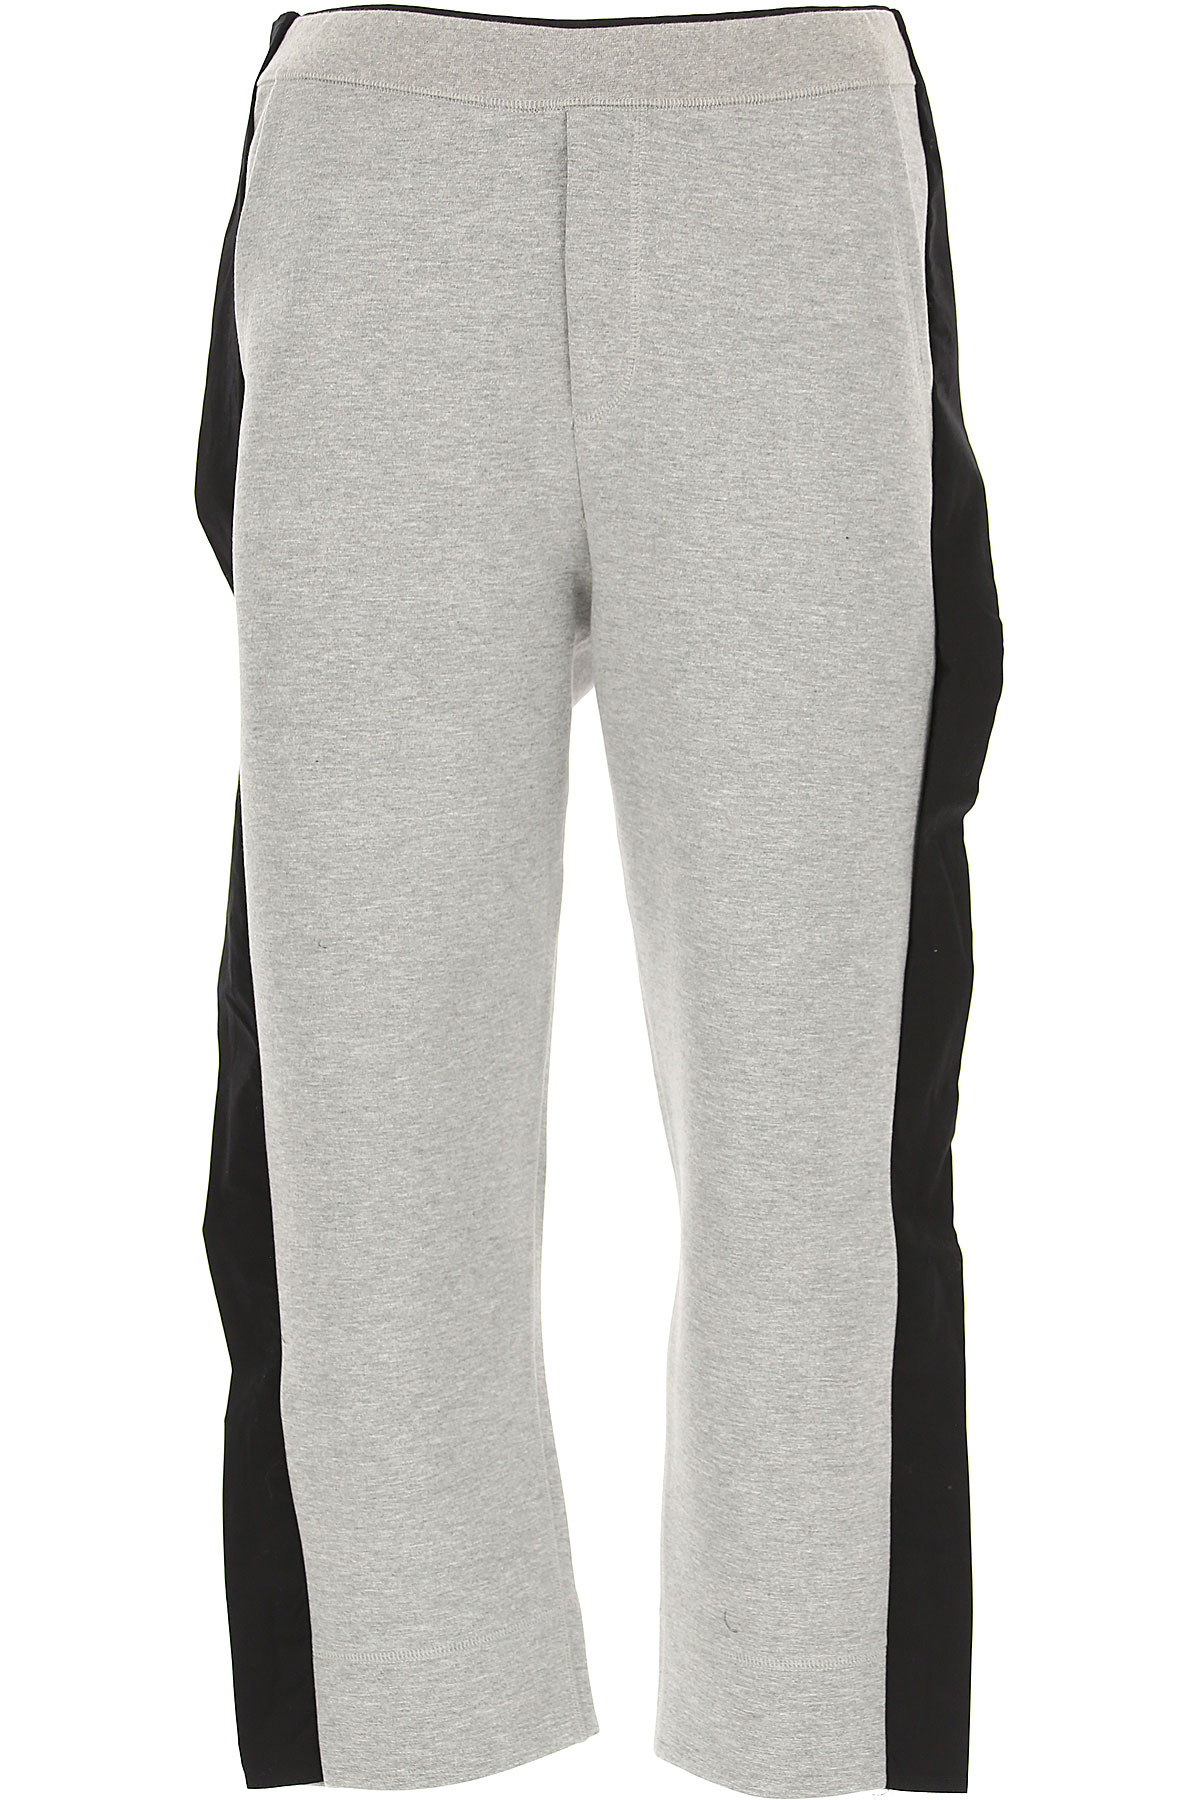 Craig Green Pantalon Homme Pas cher en Soldes Outlet, Mélange gris, Viscose, 2019, L M S